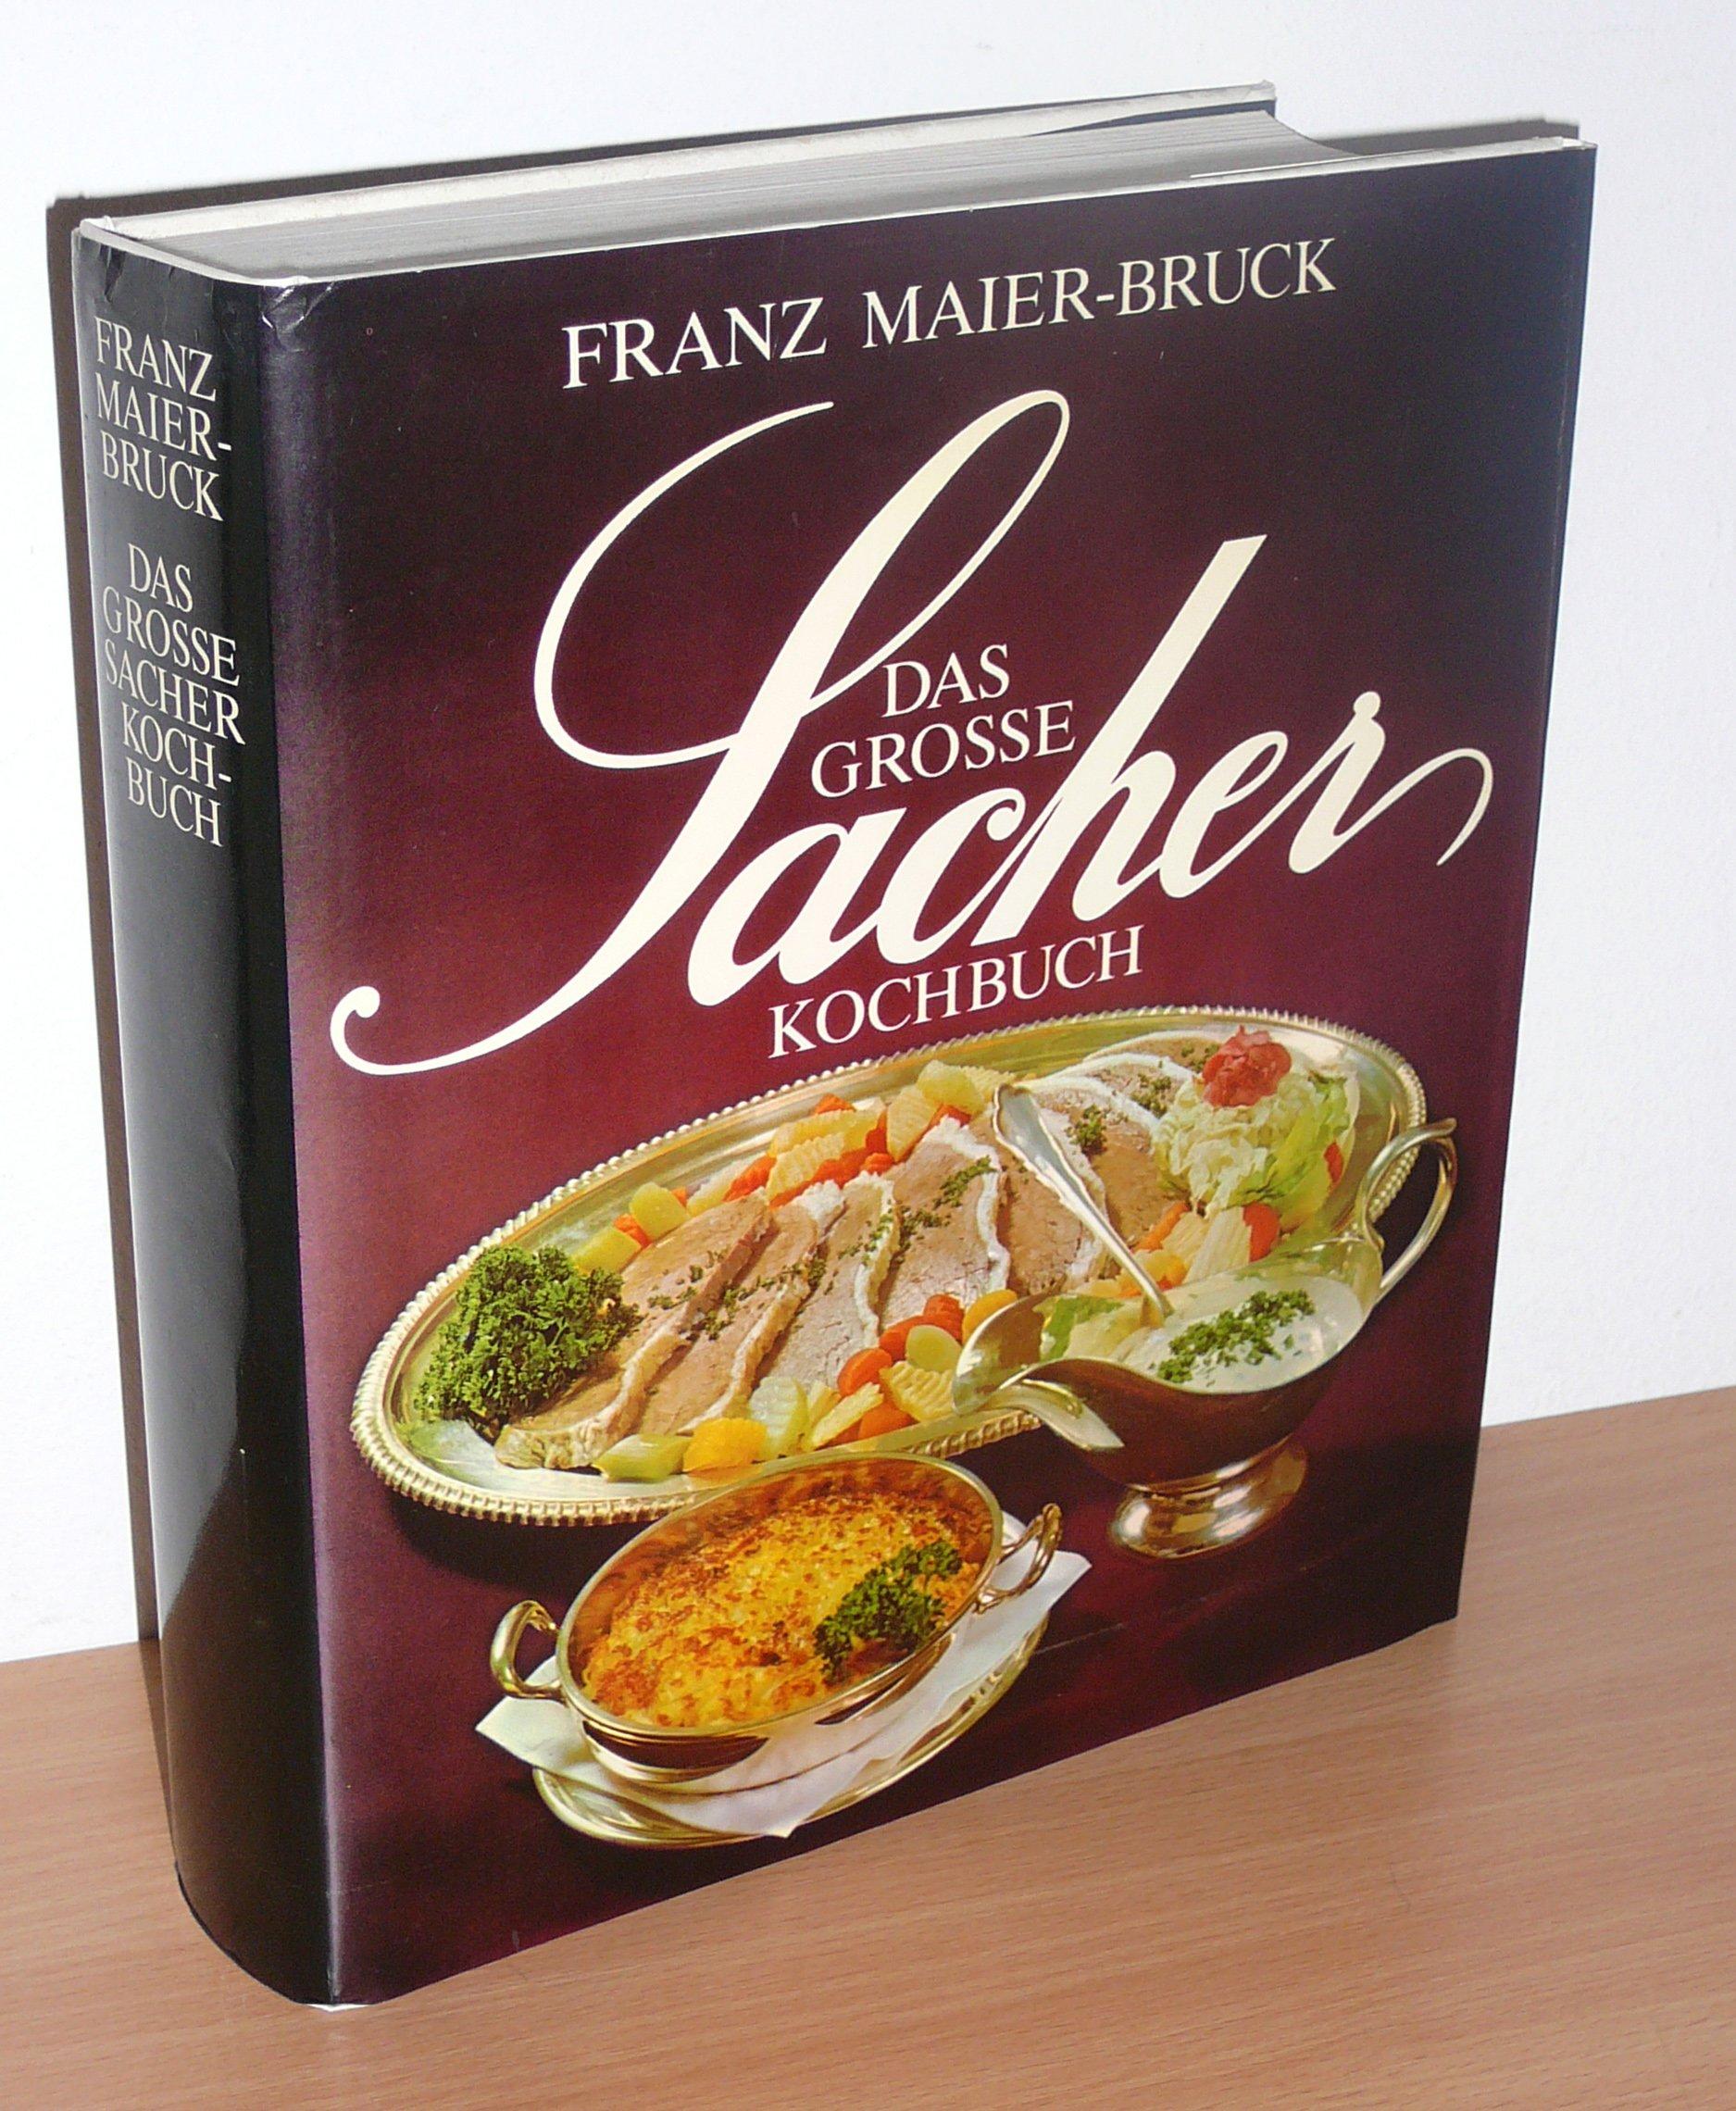 das große sacher kochbuch. die österreichische küche ... - österreichische Küche Kochbuch